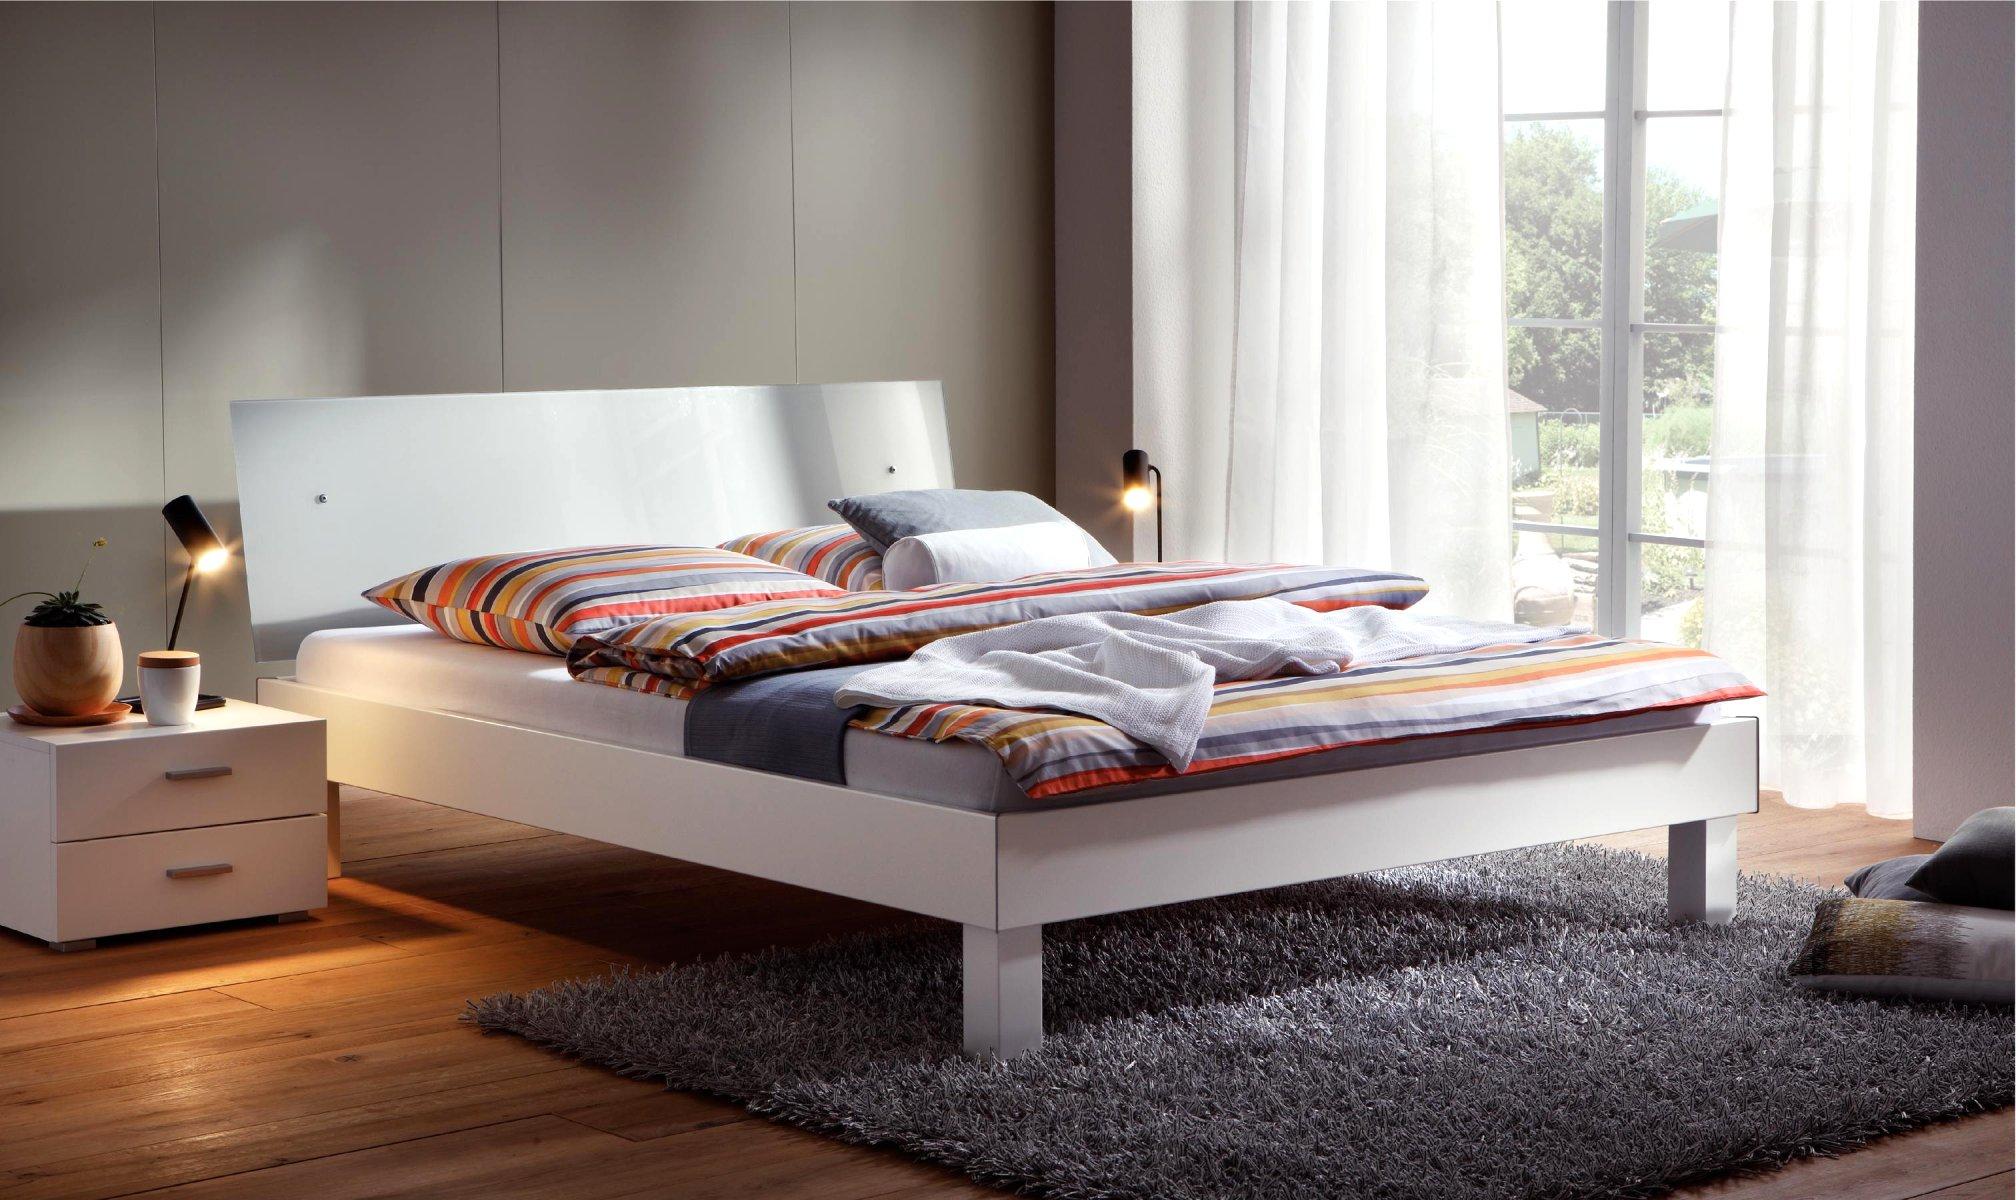 Betten und matratzen graz wasserbettmatratzen und for Betten und matratzen